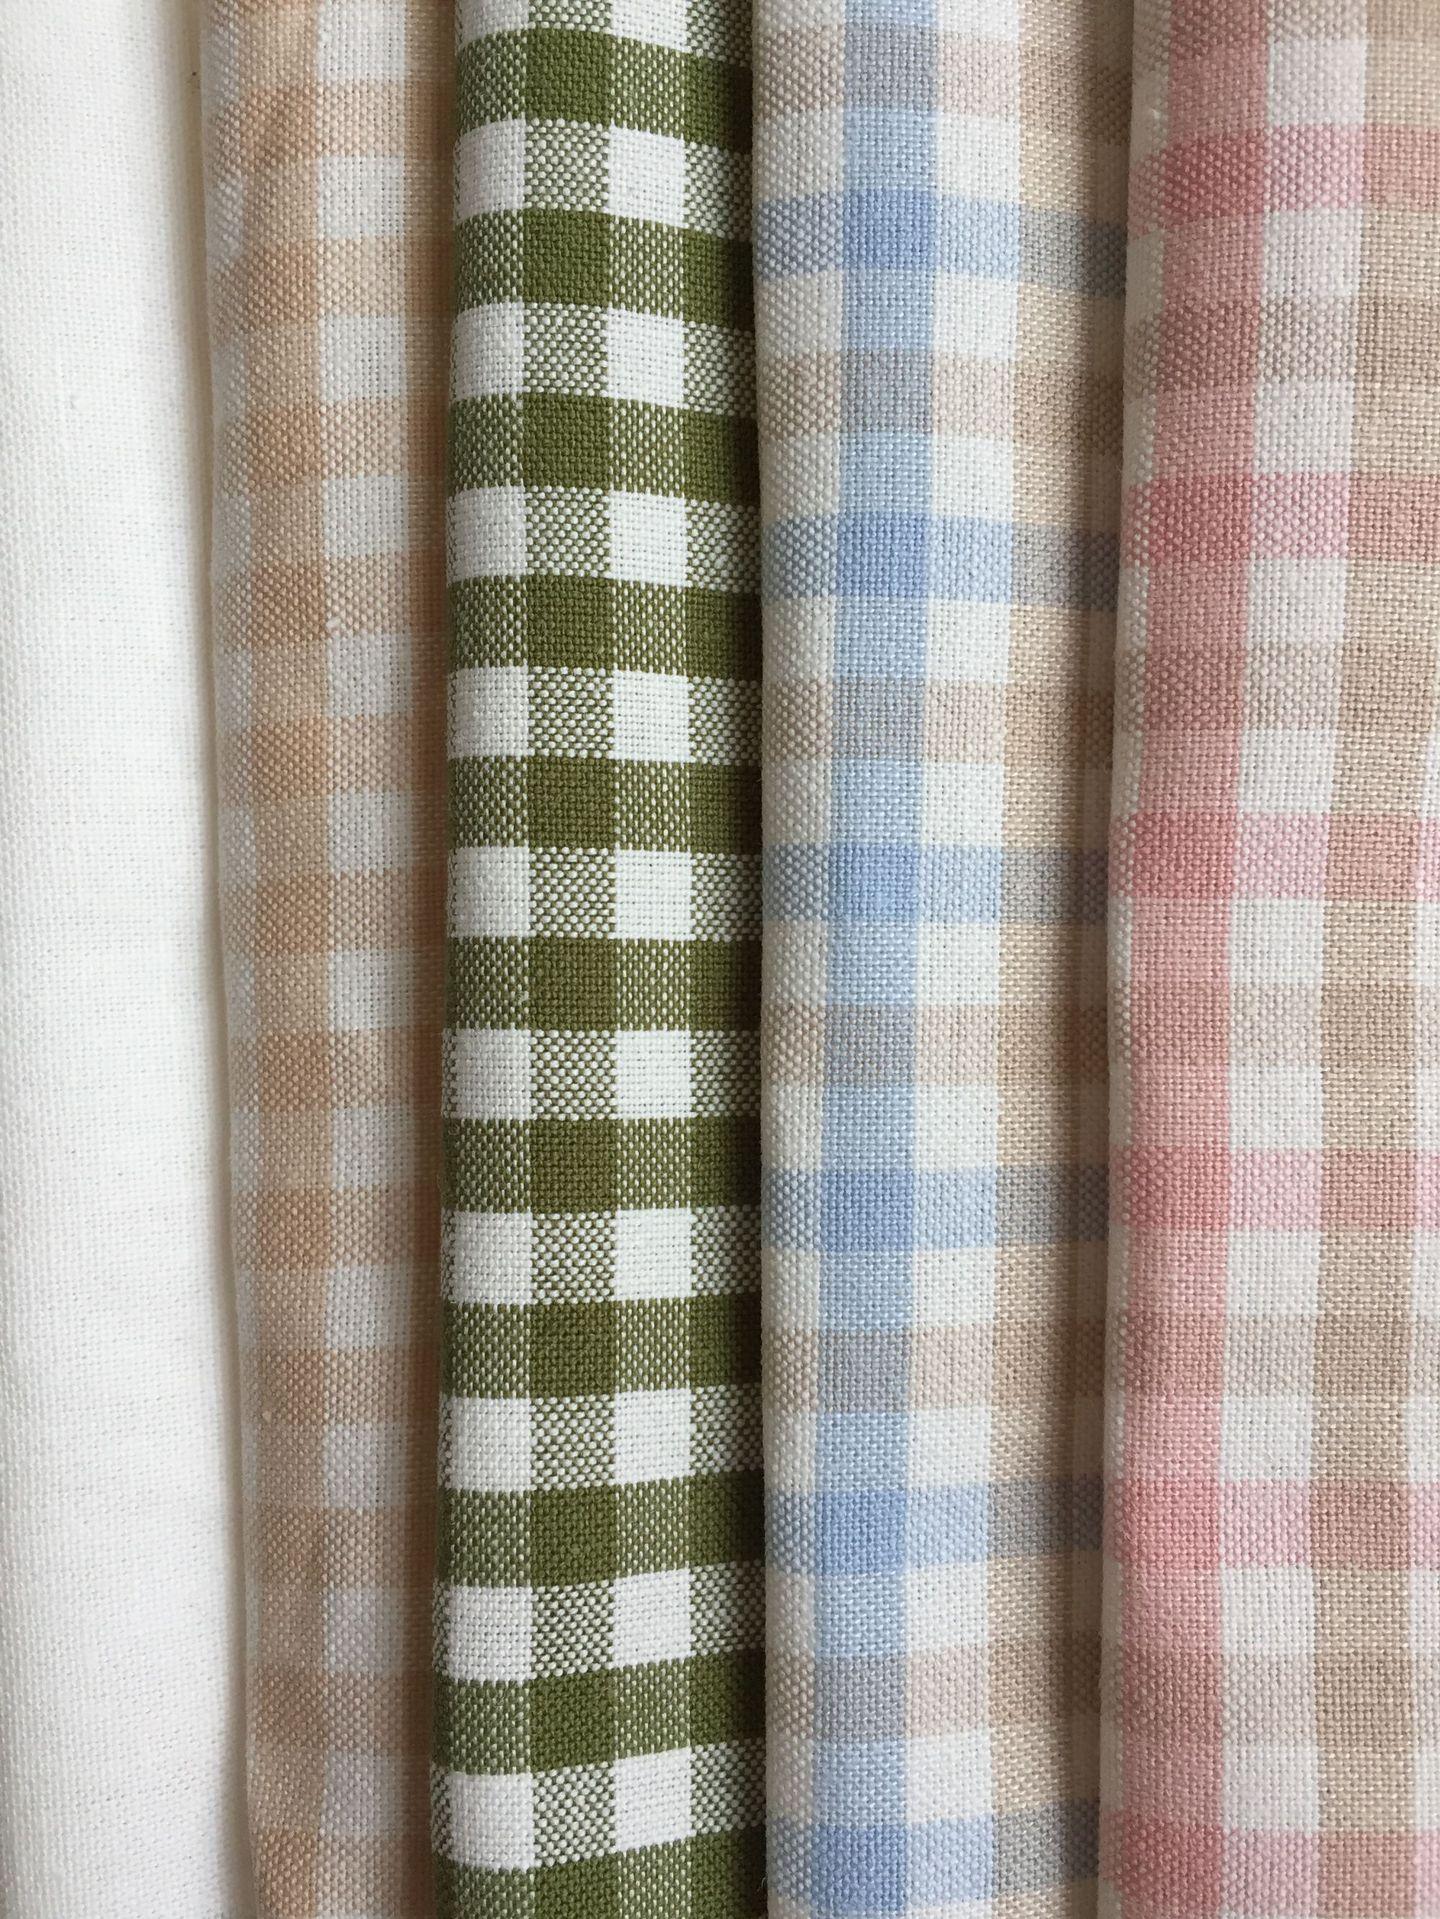 YUANZHU Vải Hemp ( Ramie) Ramie cotton kẻ sọc vải 3D với vải composite sandwich có thể được sử dụng